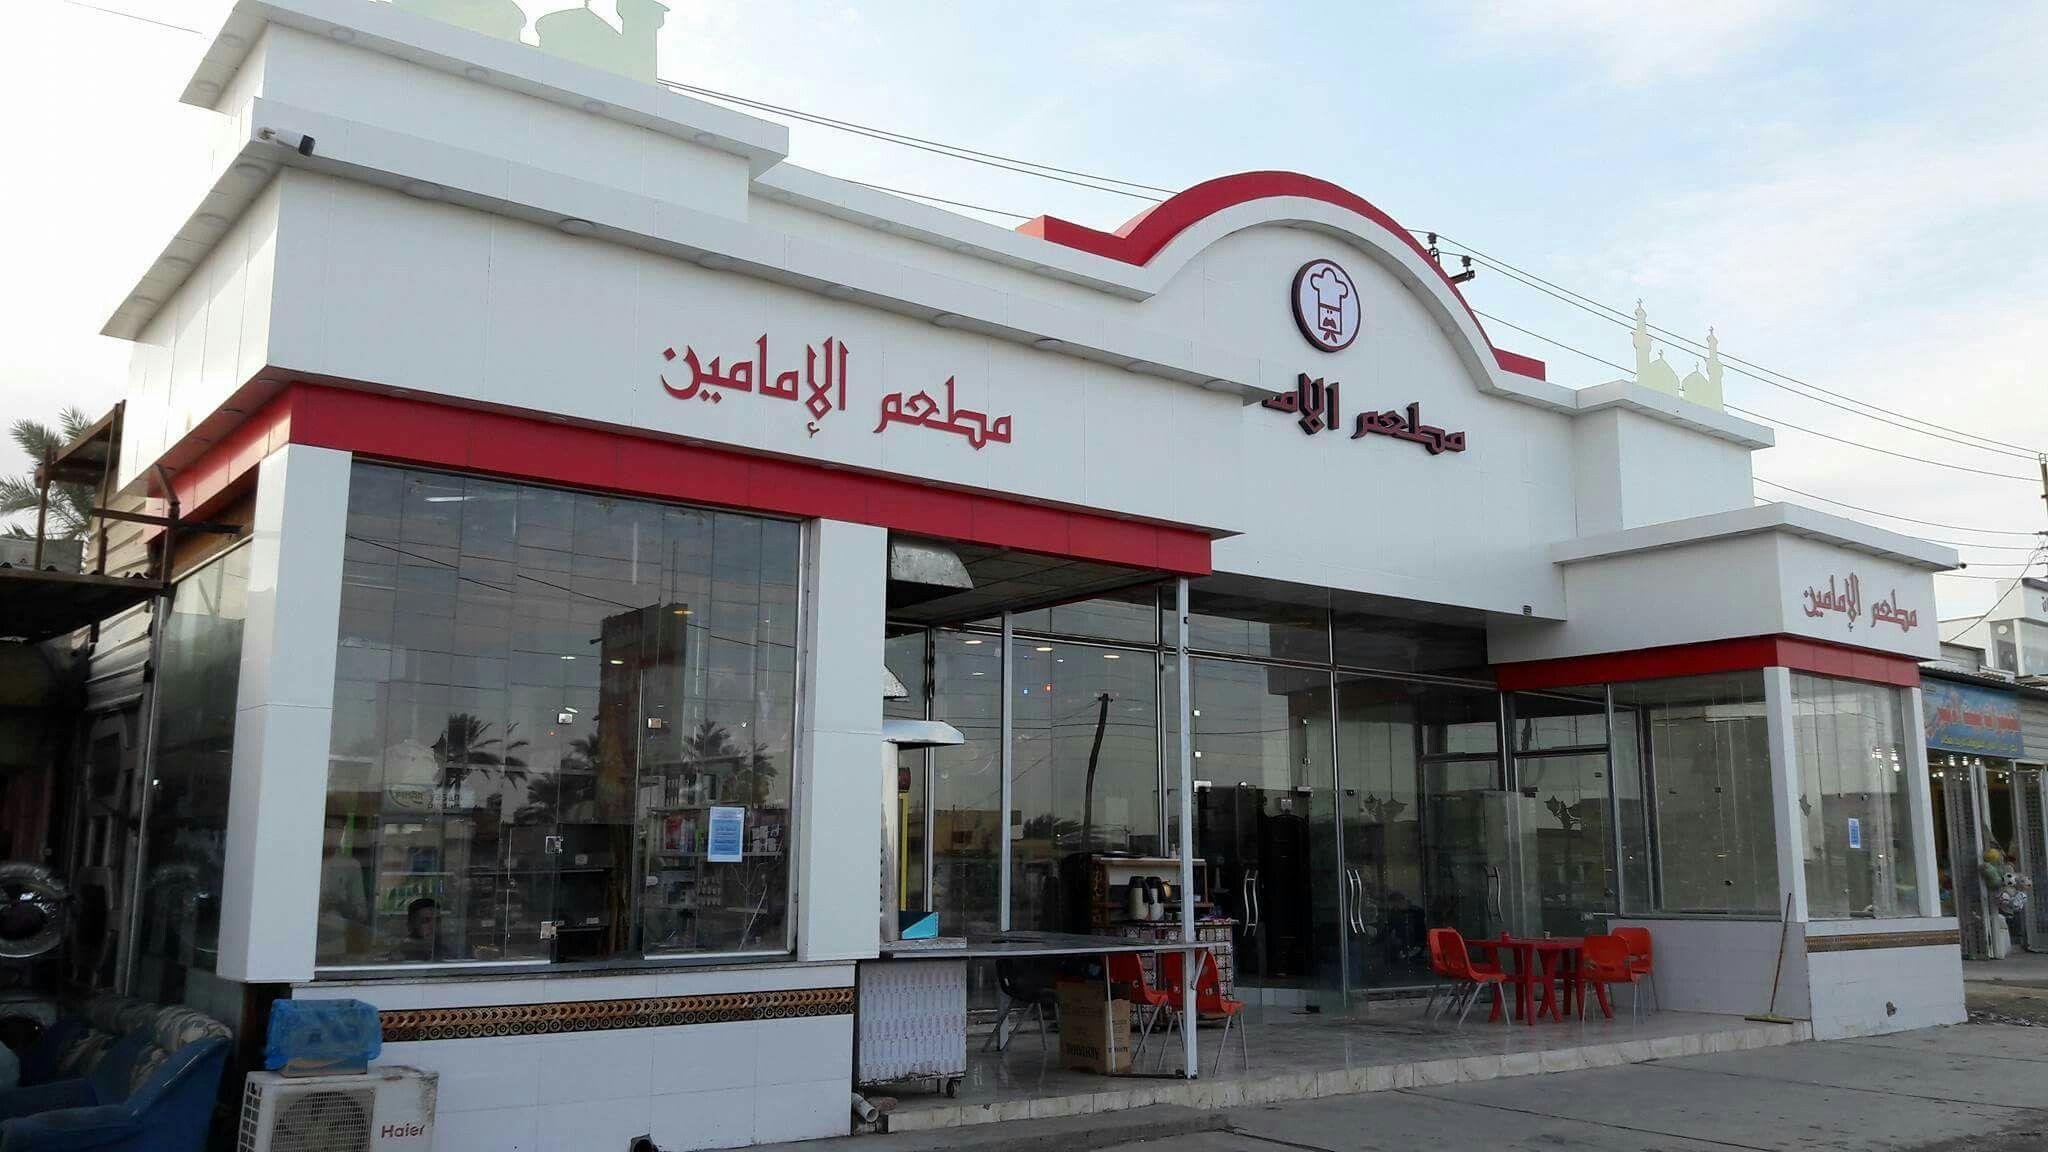 سياحة مطعم الامامين سامراء القلعة الطريق الدولي Home Decor Outdoor Decor Decor